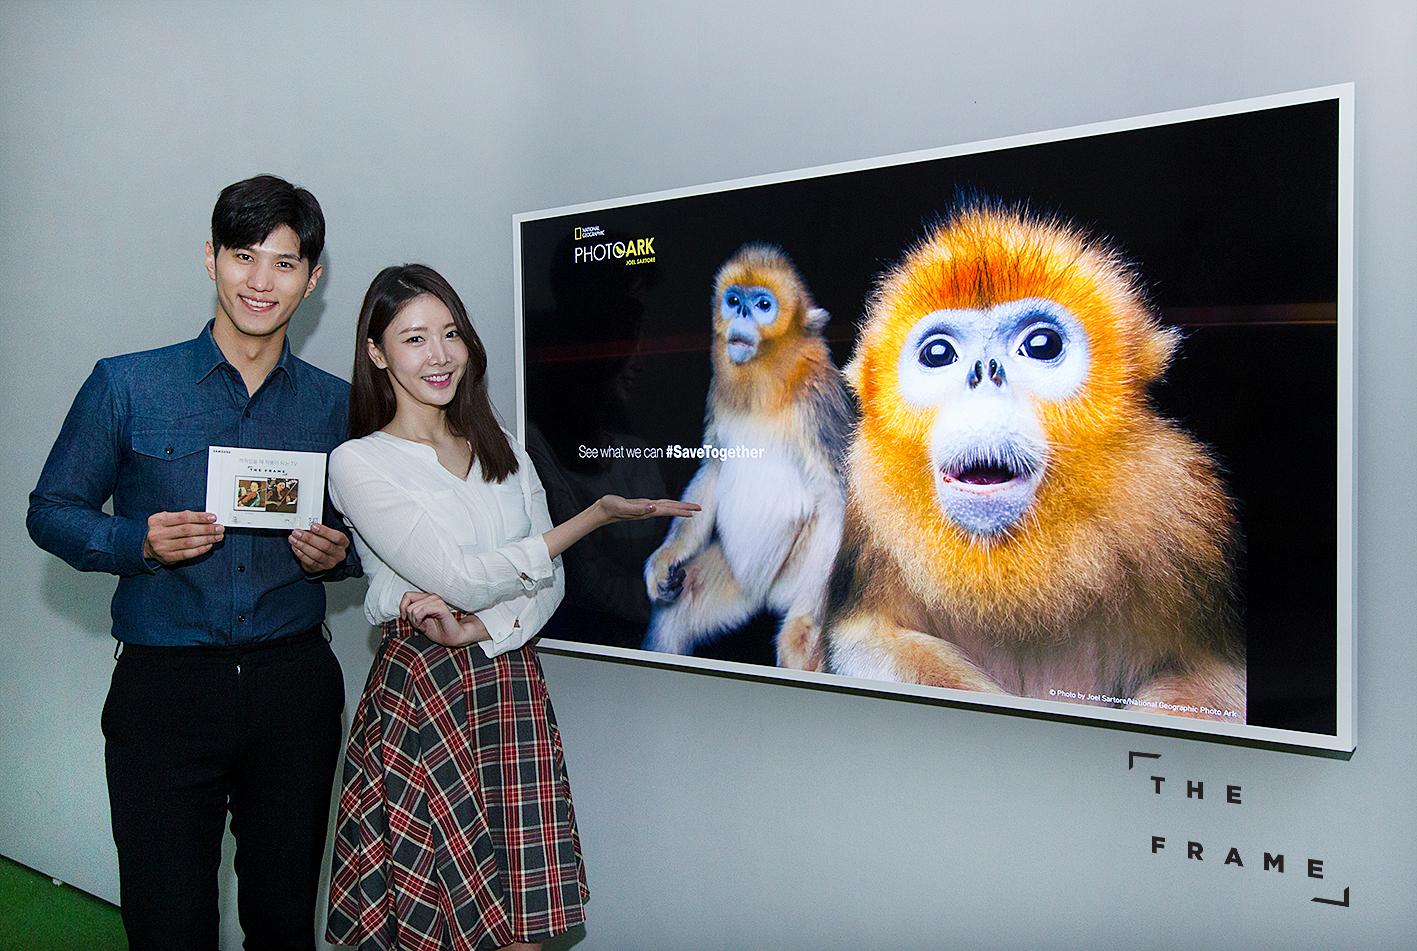 삼성전자는 이달 10일부터 내년 3월 4일까지 서울 용산 전쟁기념관에서 열리는 '내셔널지오그래픽 특별전'에 참가해 라이프스타일 TV '더 프레임'을 통해 멸종 위기에 처한 동물들을 사진으로 기록한 미디어 아트를 전시한다. 또한 삼성전자는 멸종 위기 생물 종을 보호하기 위해 '세이브 투게더(Save Together)' 캠페인을 내셔널지오그래픽과 공동 진행한다. 라이프스타일 TV '더 프레임'의 '아트 스토어' 를 통해 내셔널지오그래픽 특별전 동물 사진 30여장을 판매하고, 수익금 전액을 기부할 계획이다.